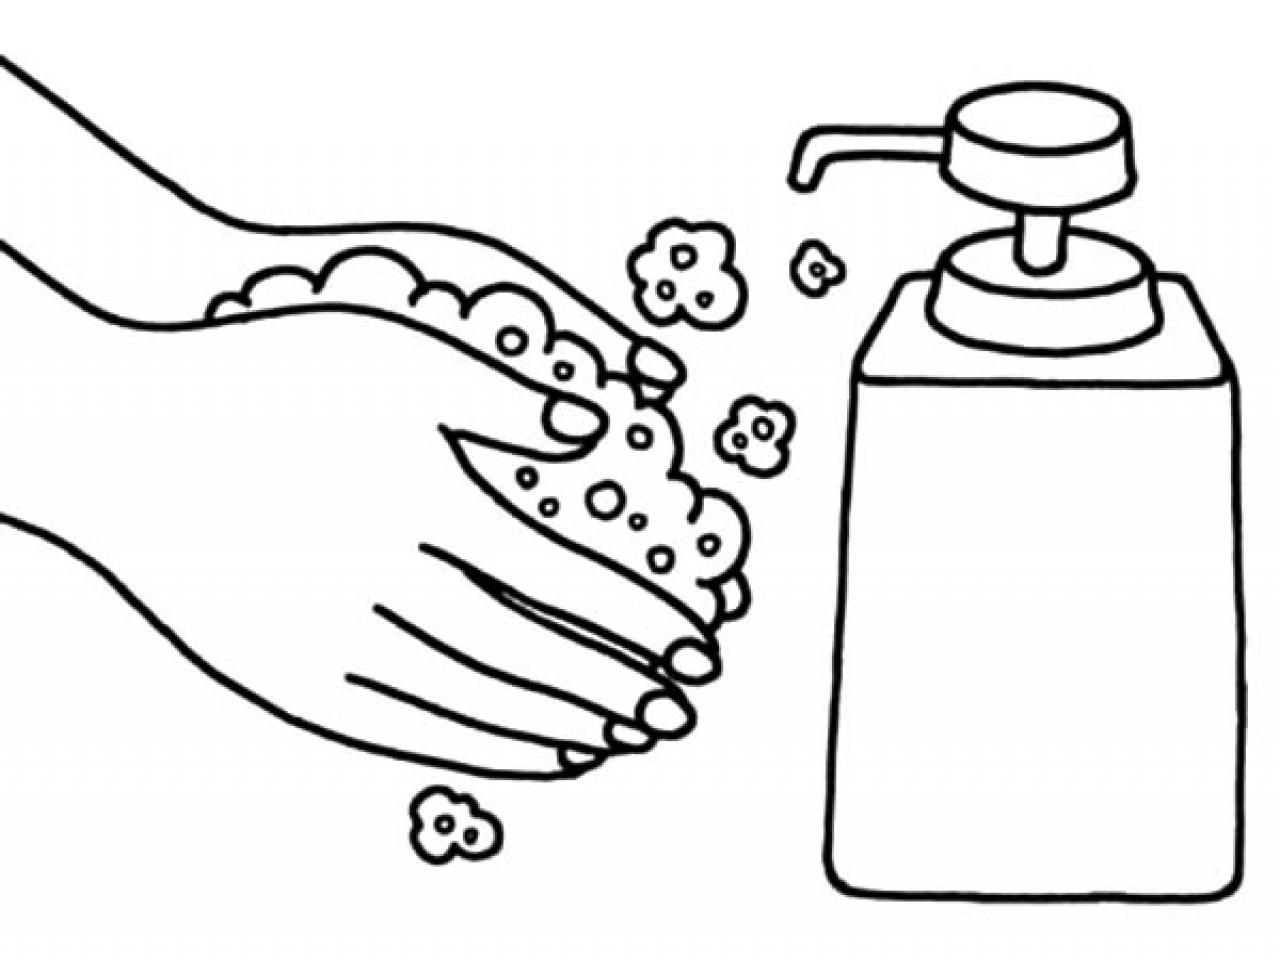 Tranh tô màu rửa tay